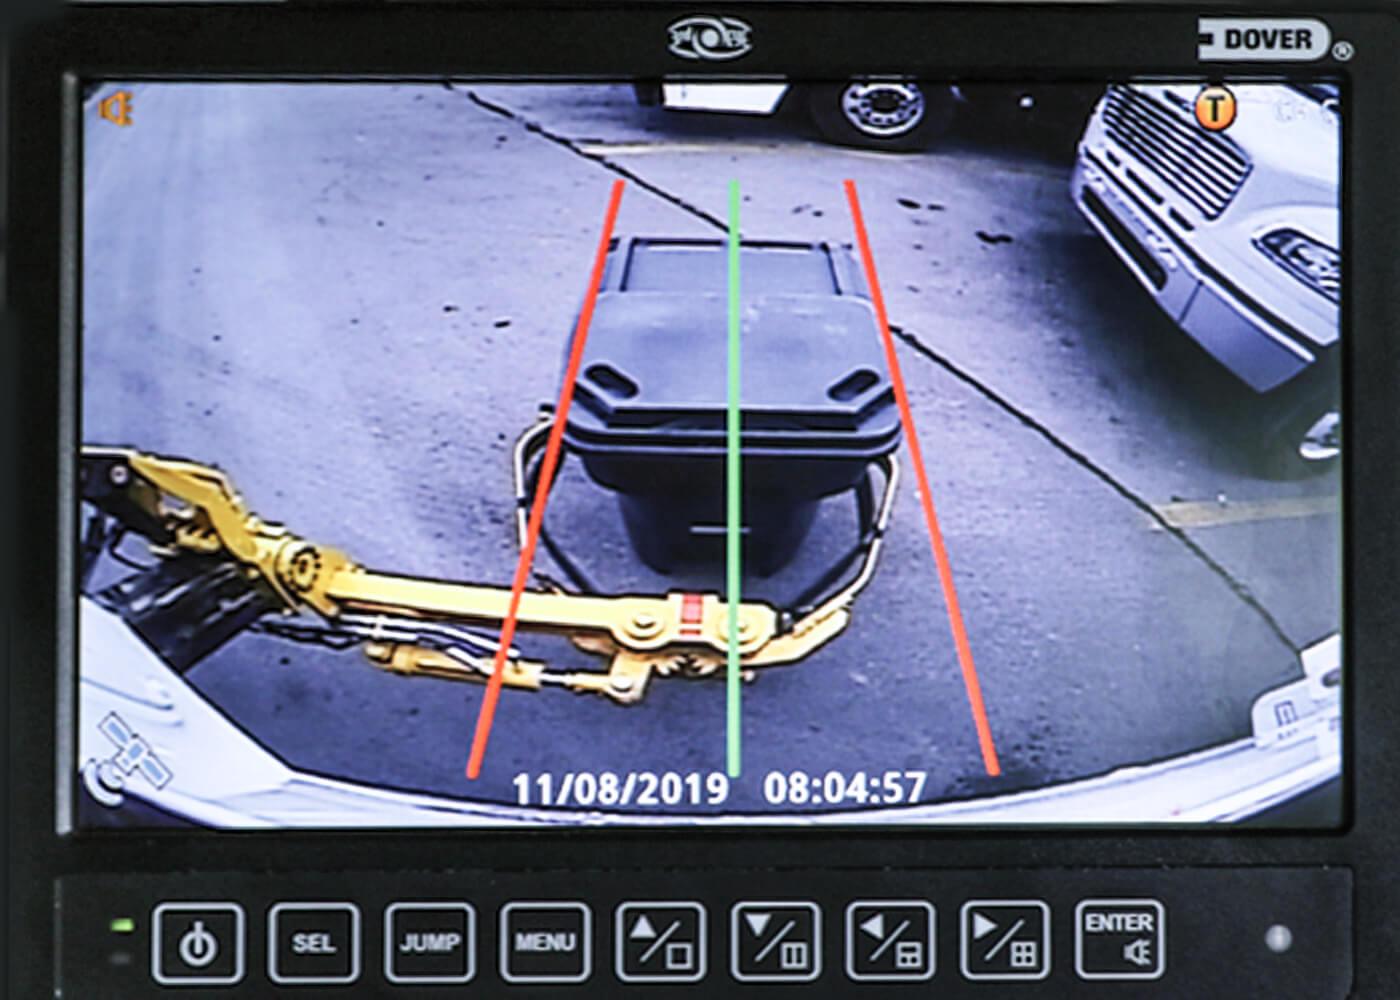 Sideload Garbage Truck Arm Camera Grabber Lines